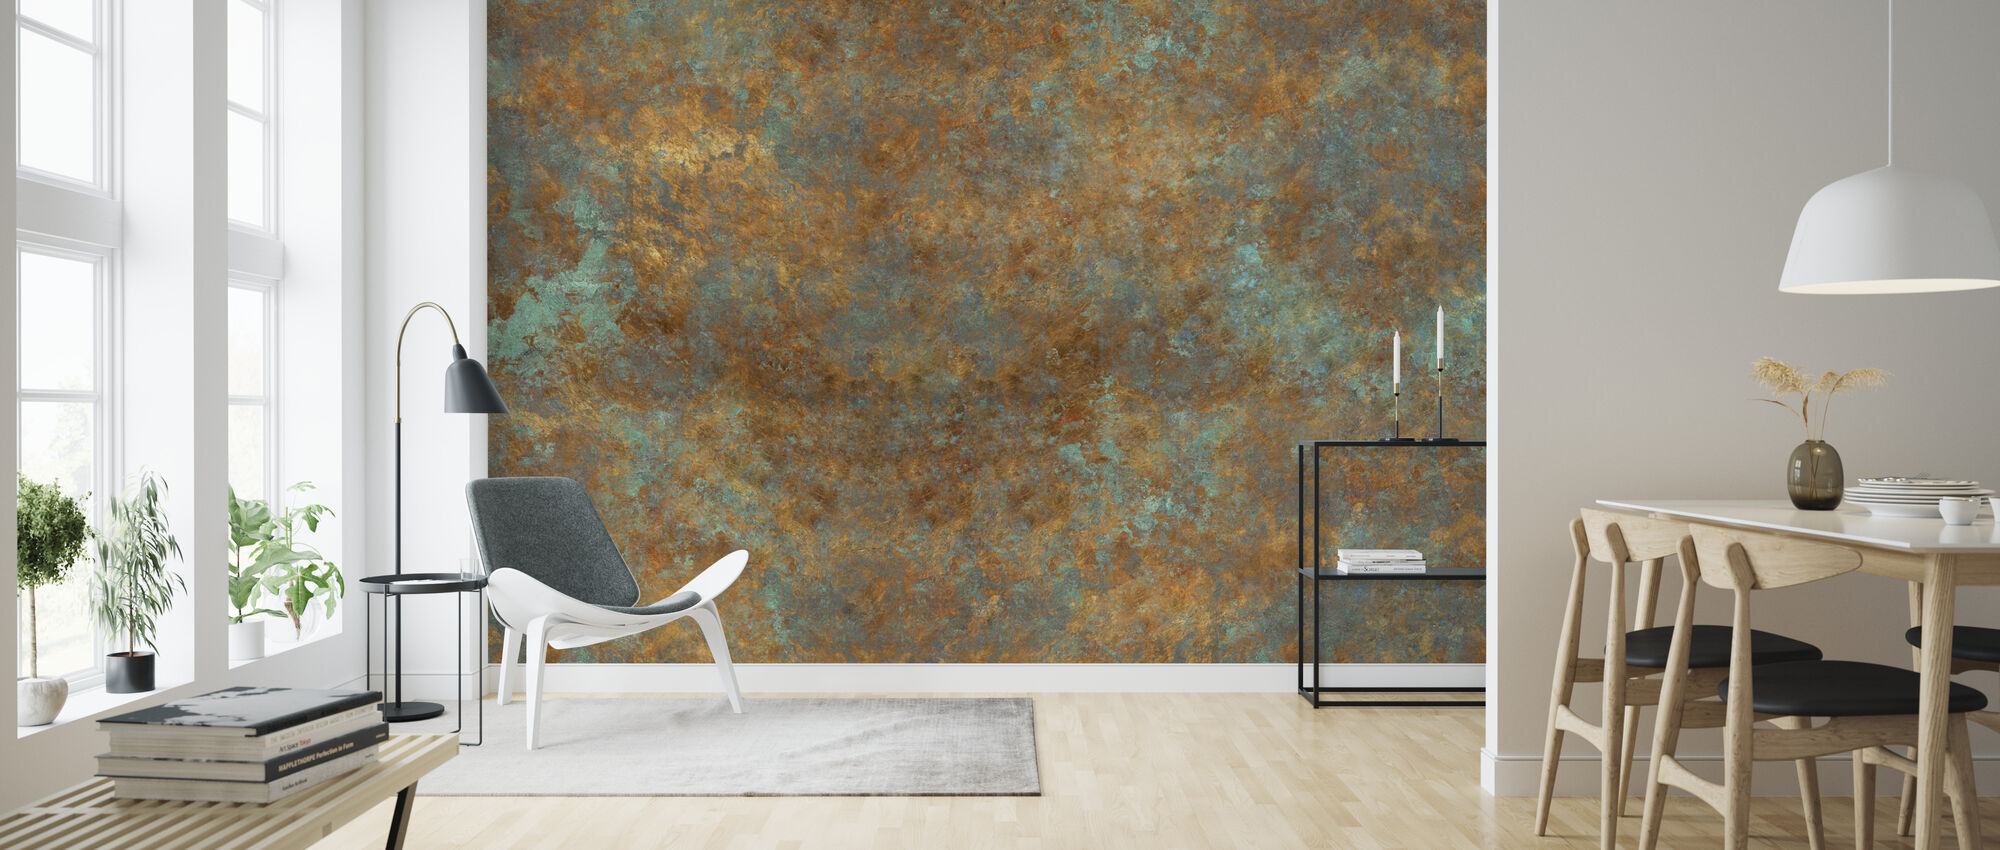 Vintage-Bronze-Hintergrund - Tapete - Wohnzimmer